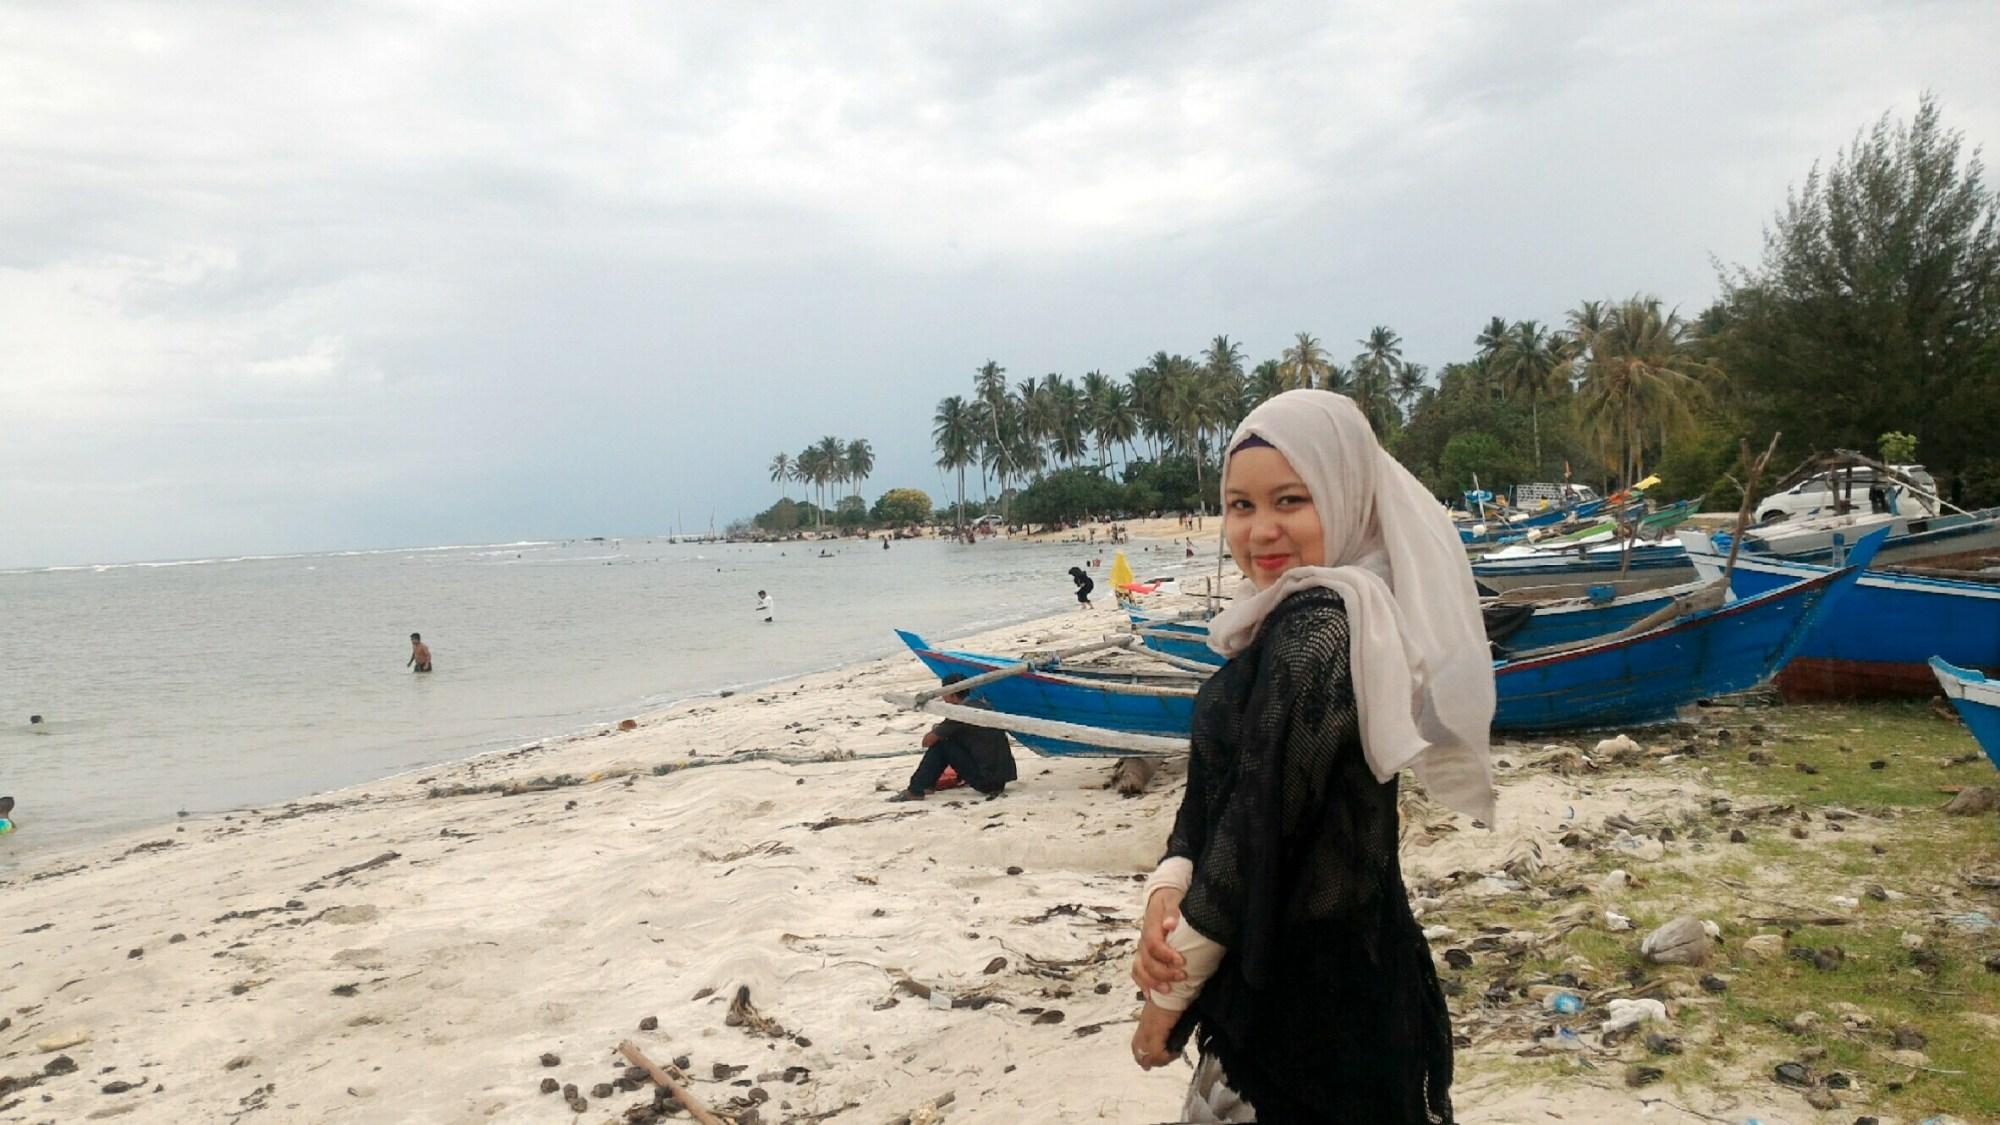 Mutiasyarifah2's Cover Photo